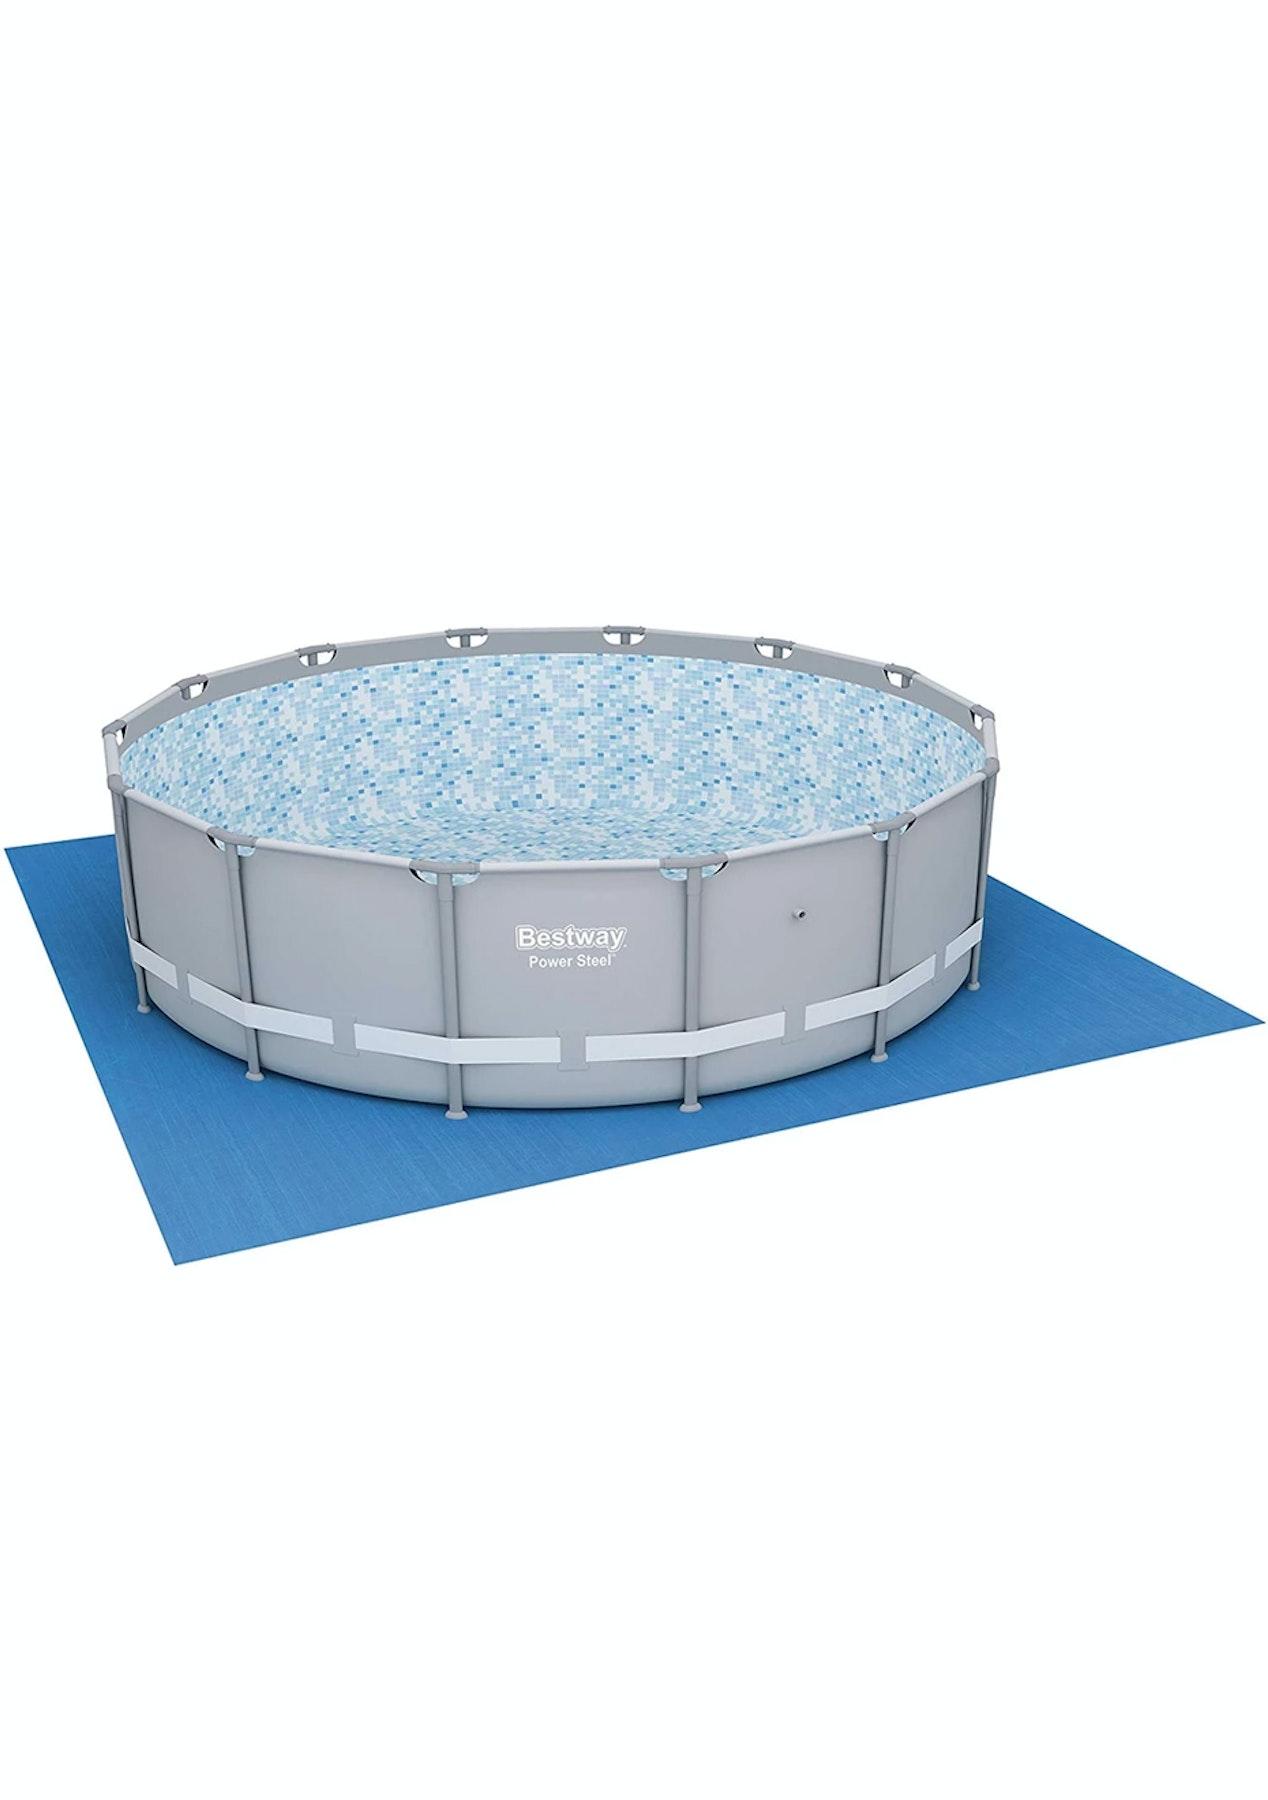 Bestway Power Steel Pool 14ft Bestway Pools Inflatables